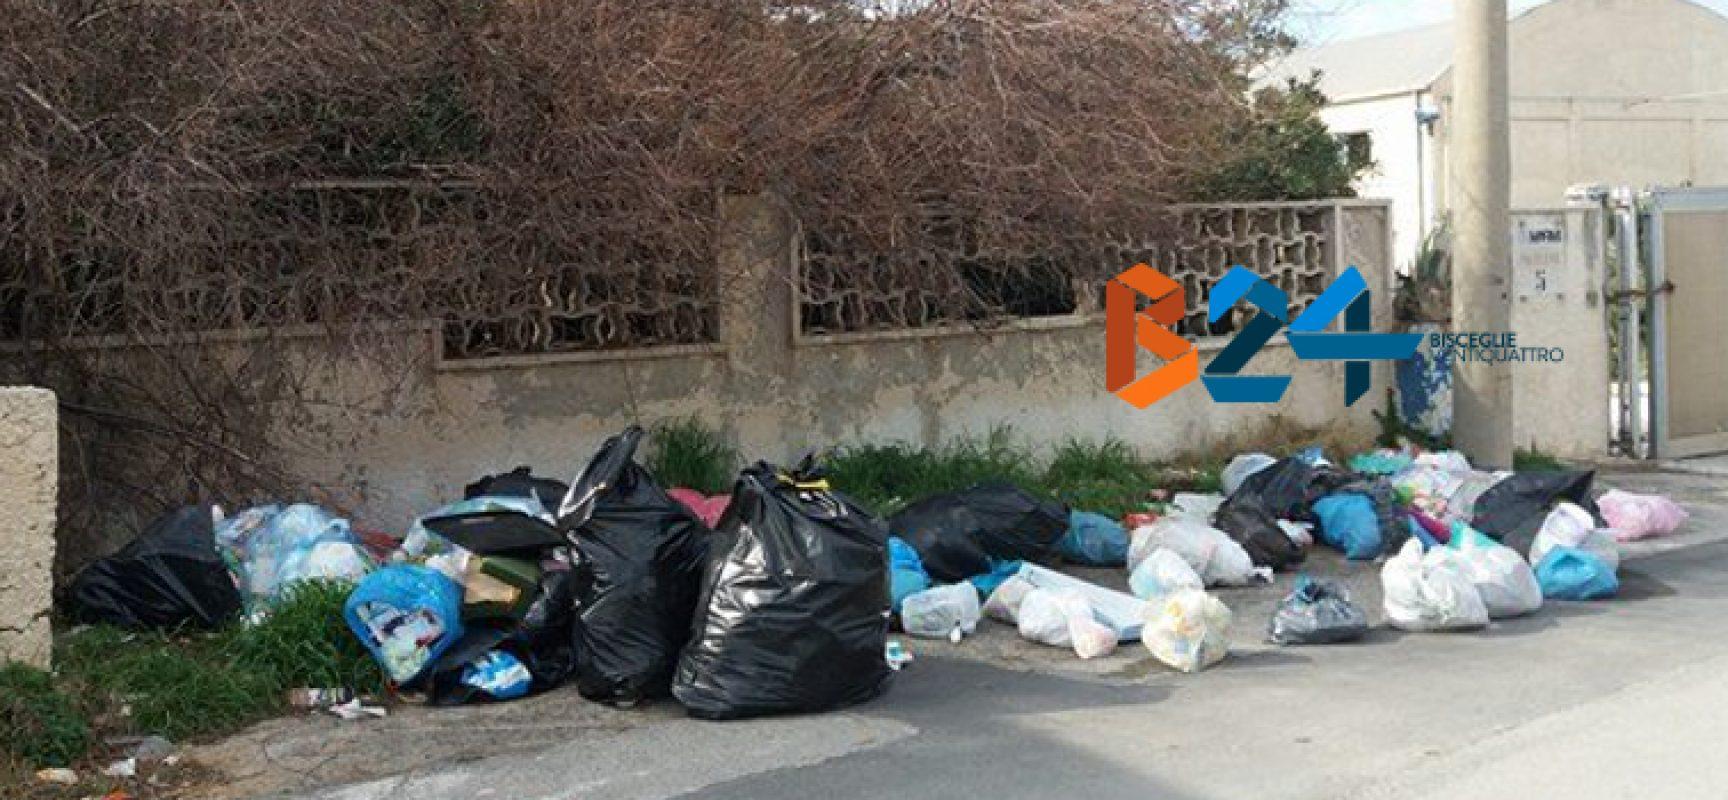 Ancora rifiuti abbandonati per strada: zona BiMarmi invasa da sacchetti di immondizia / FOTO